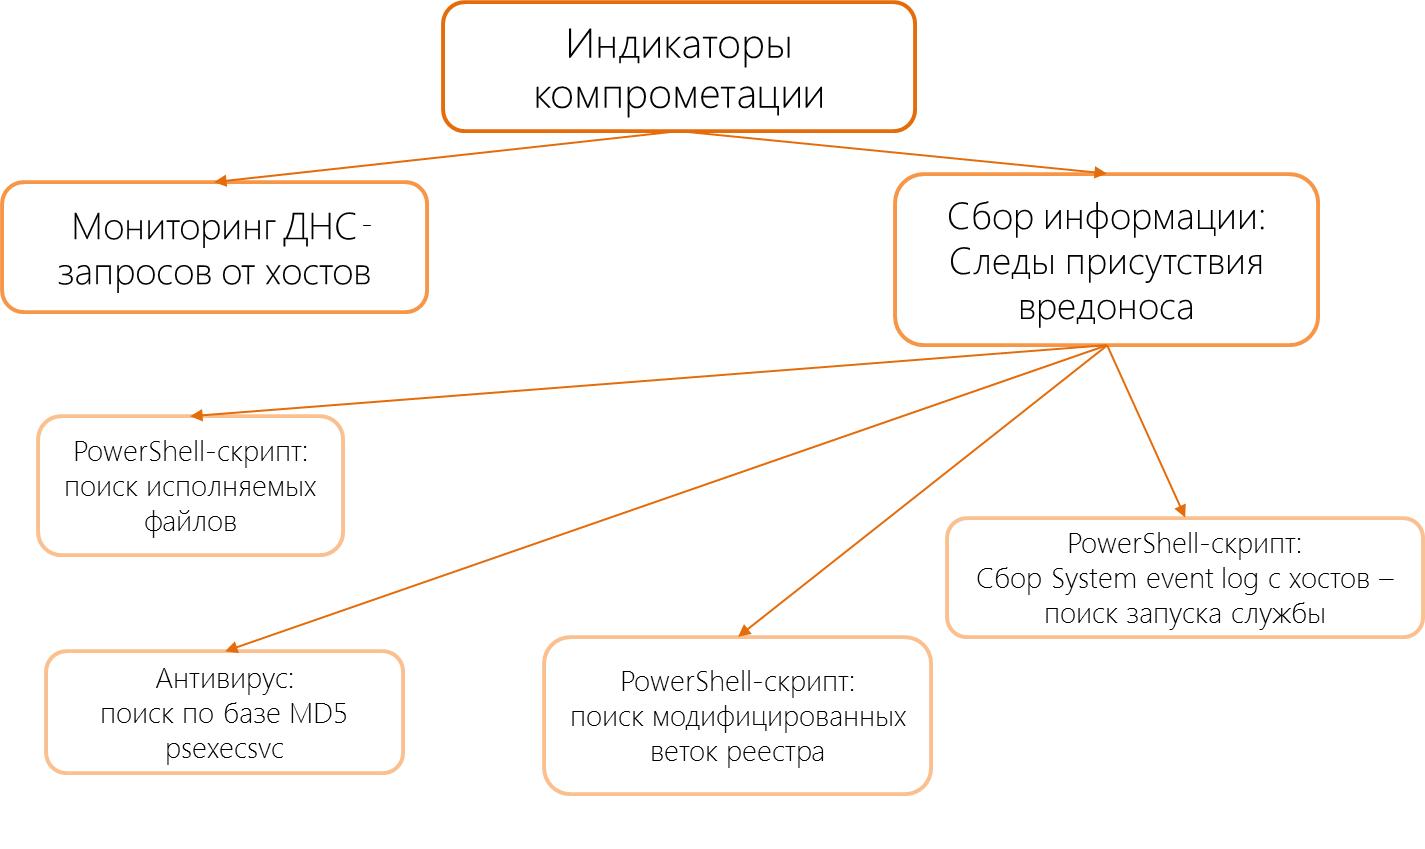 DNS-туннель, PsExec, кейлоггер: разбираем схему и технические инструменты атаки - 4